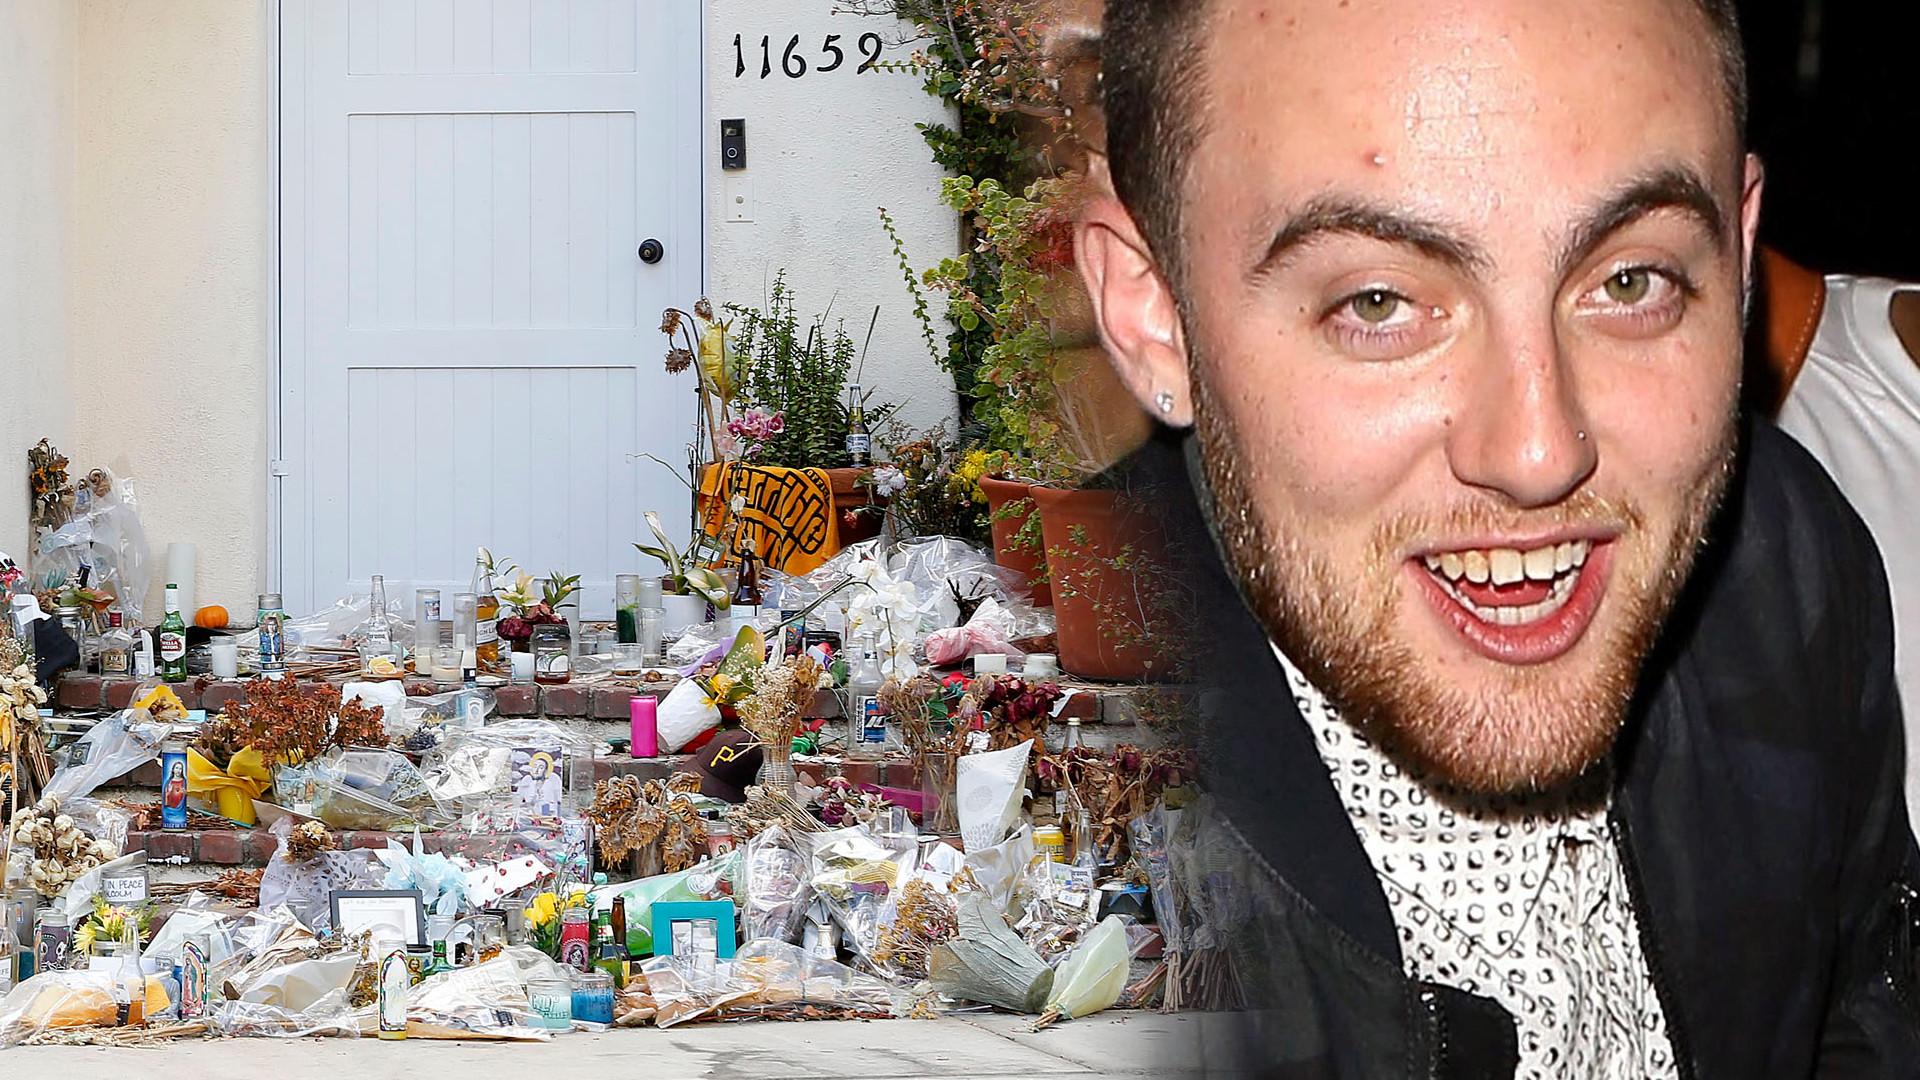 Wiadomo, jaka była przyczyna śmierci Maca Millera – śmiertelna mikstura